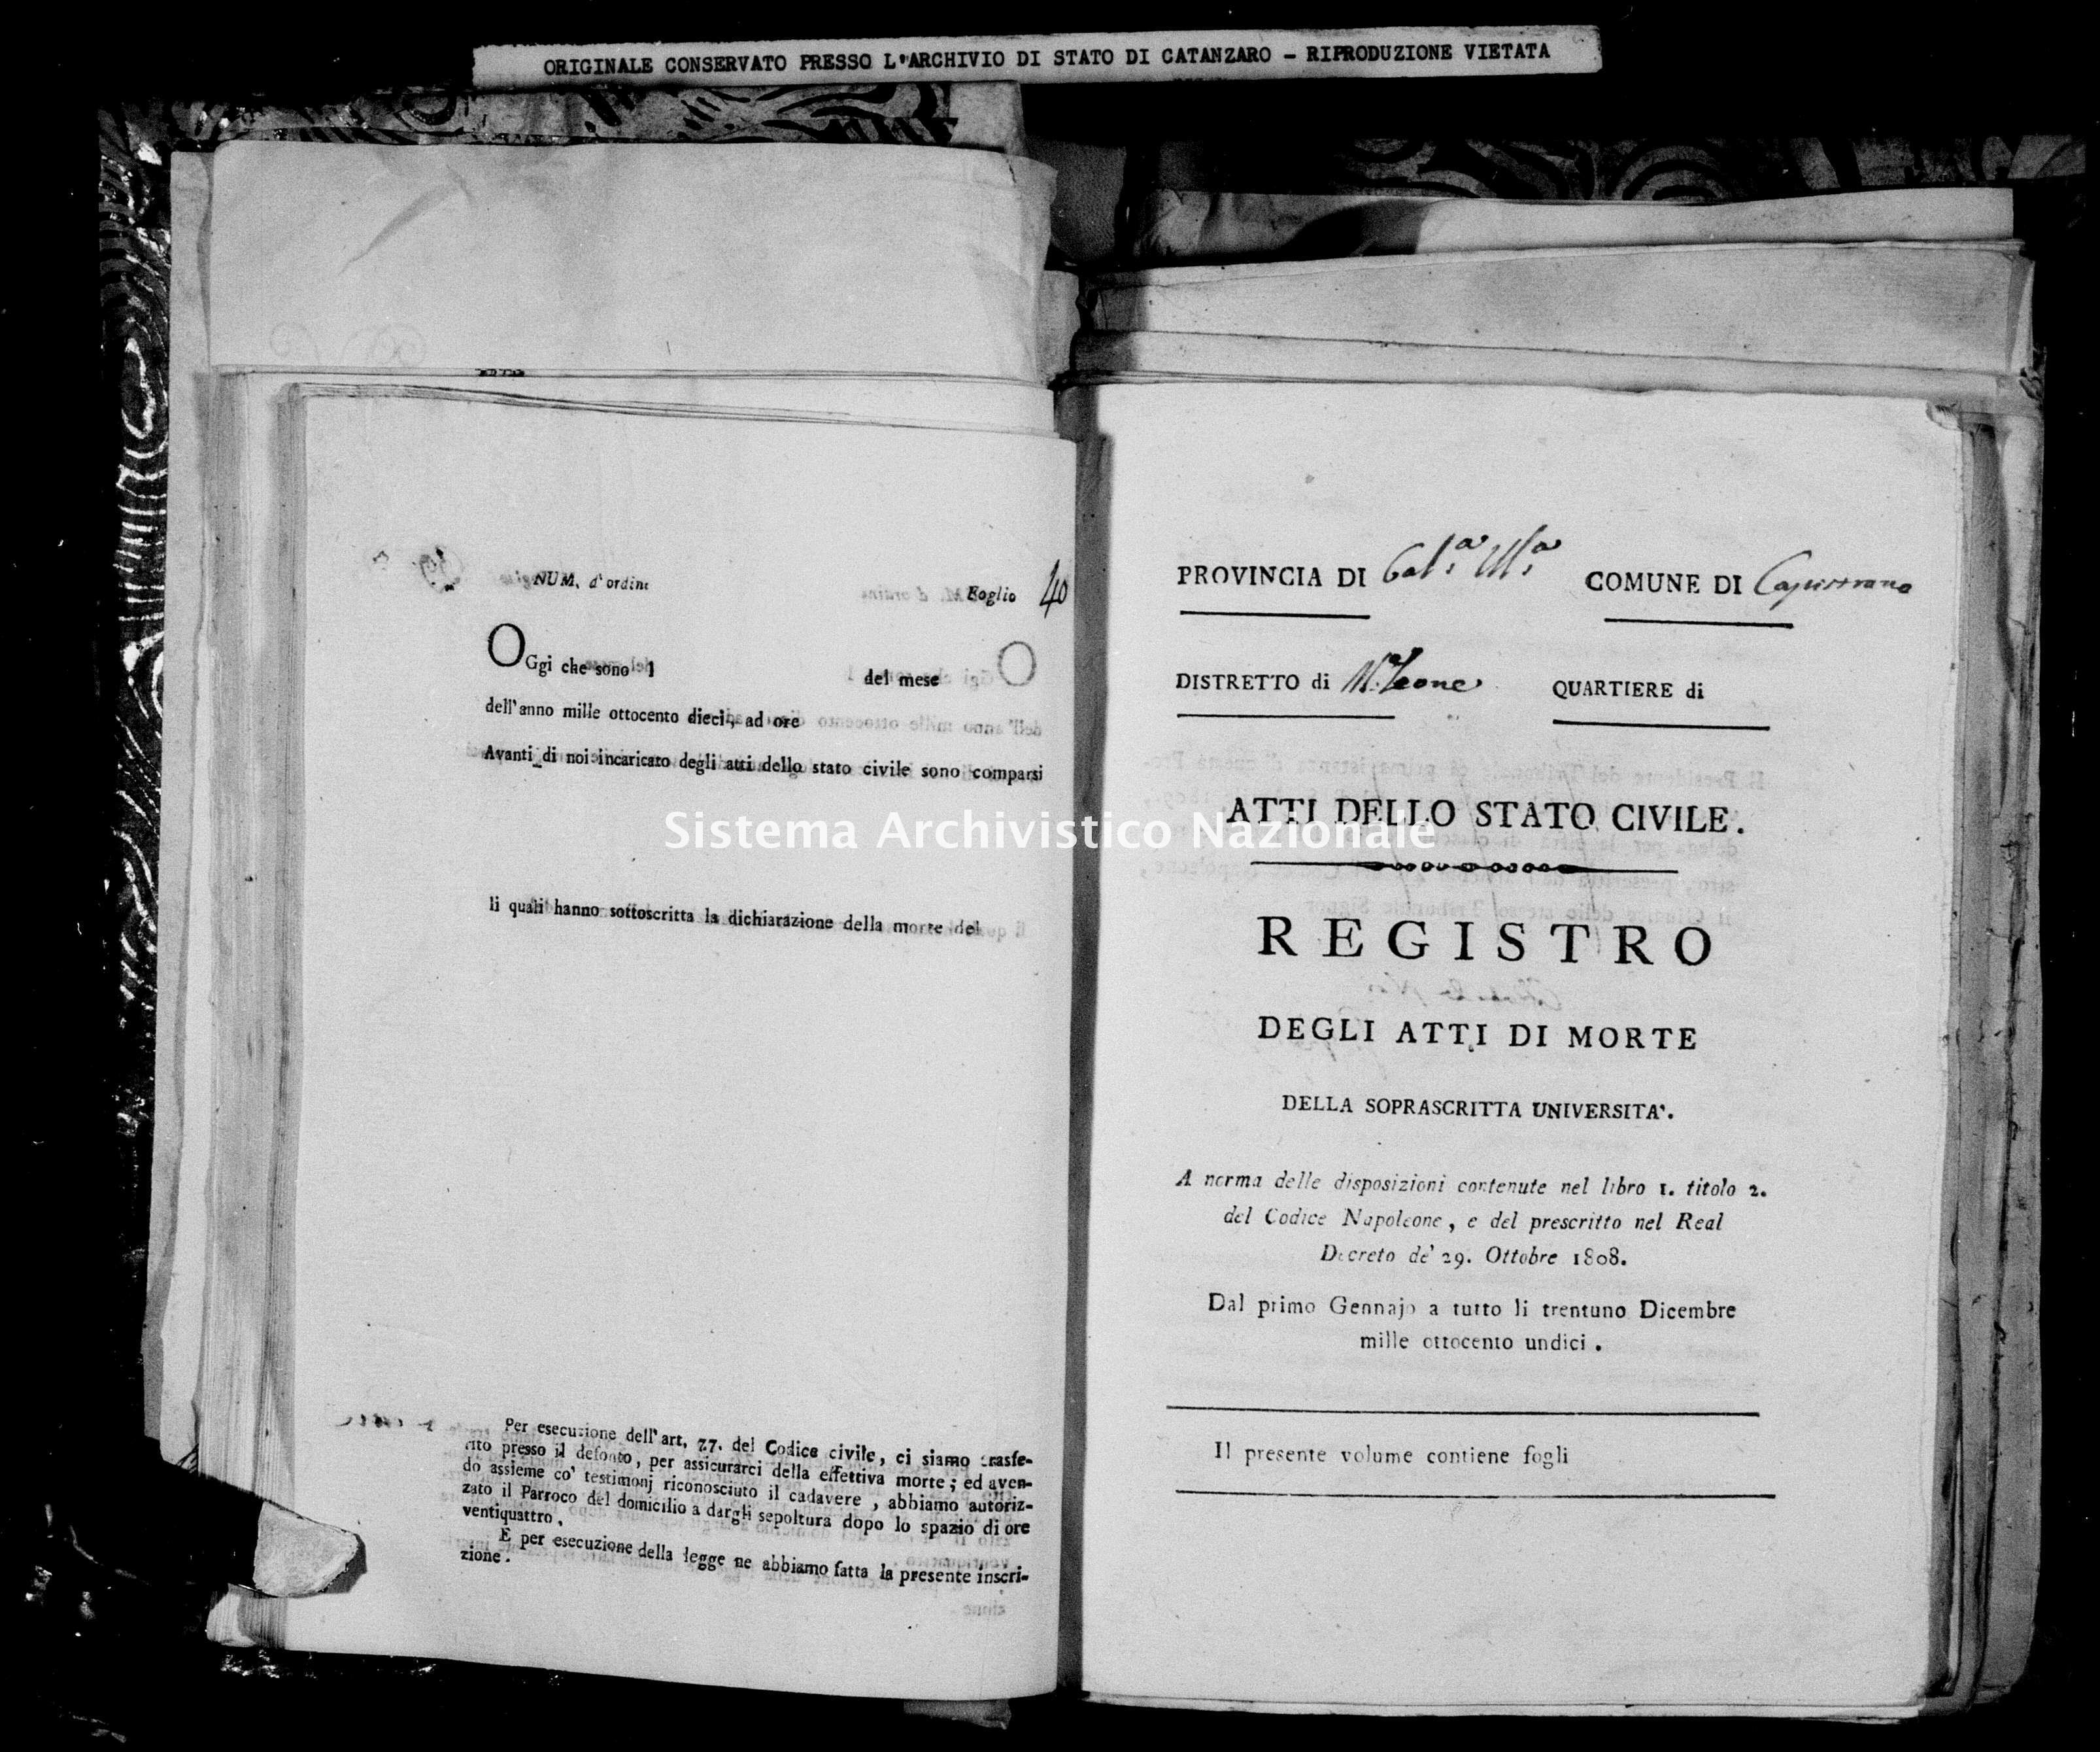 Archivio di stato di Catanzaro - Stato civile napoleonico - Capistrano - Morti - 1811 -